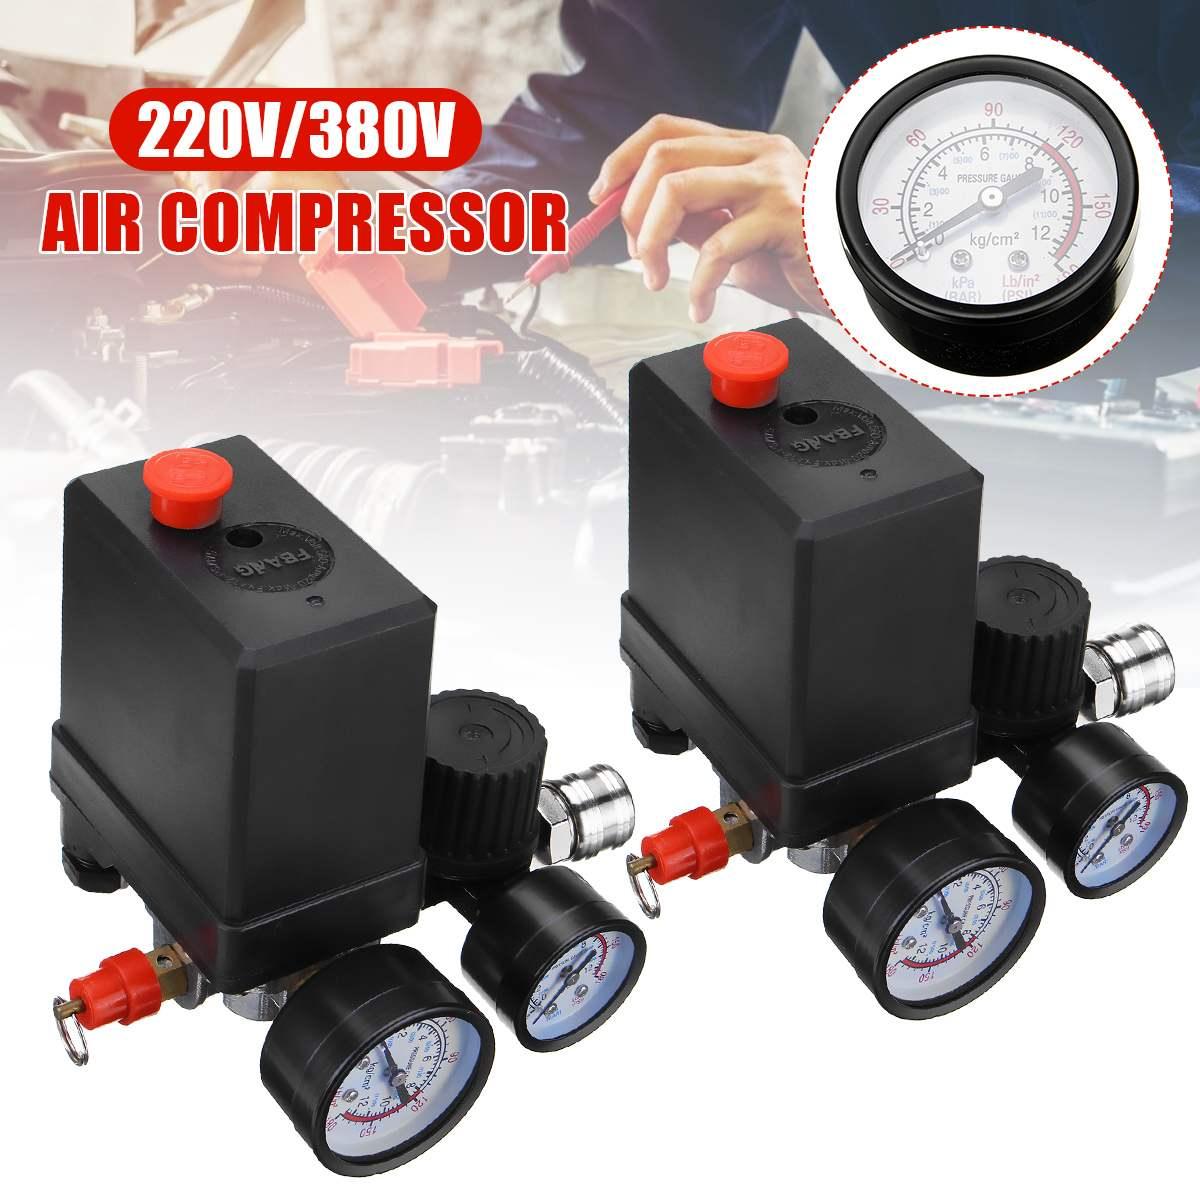 منظم ضغط مضخة الهواء ذو 4 منافذ ، مفتاح التحكم في الضغط ، 0-180 رطل لكل بوصة مربعة ، 240 فولت/380 فولت ، مع مقياس